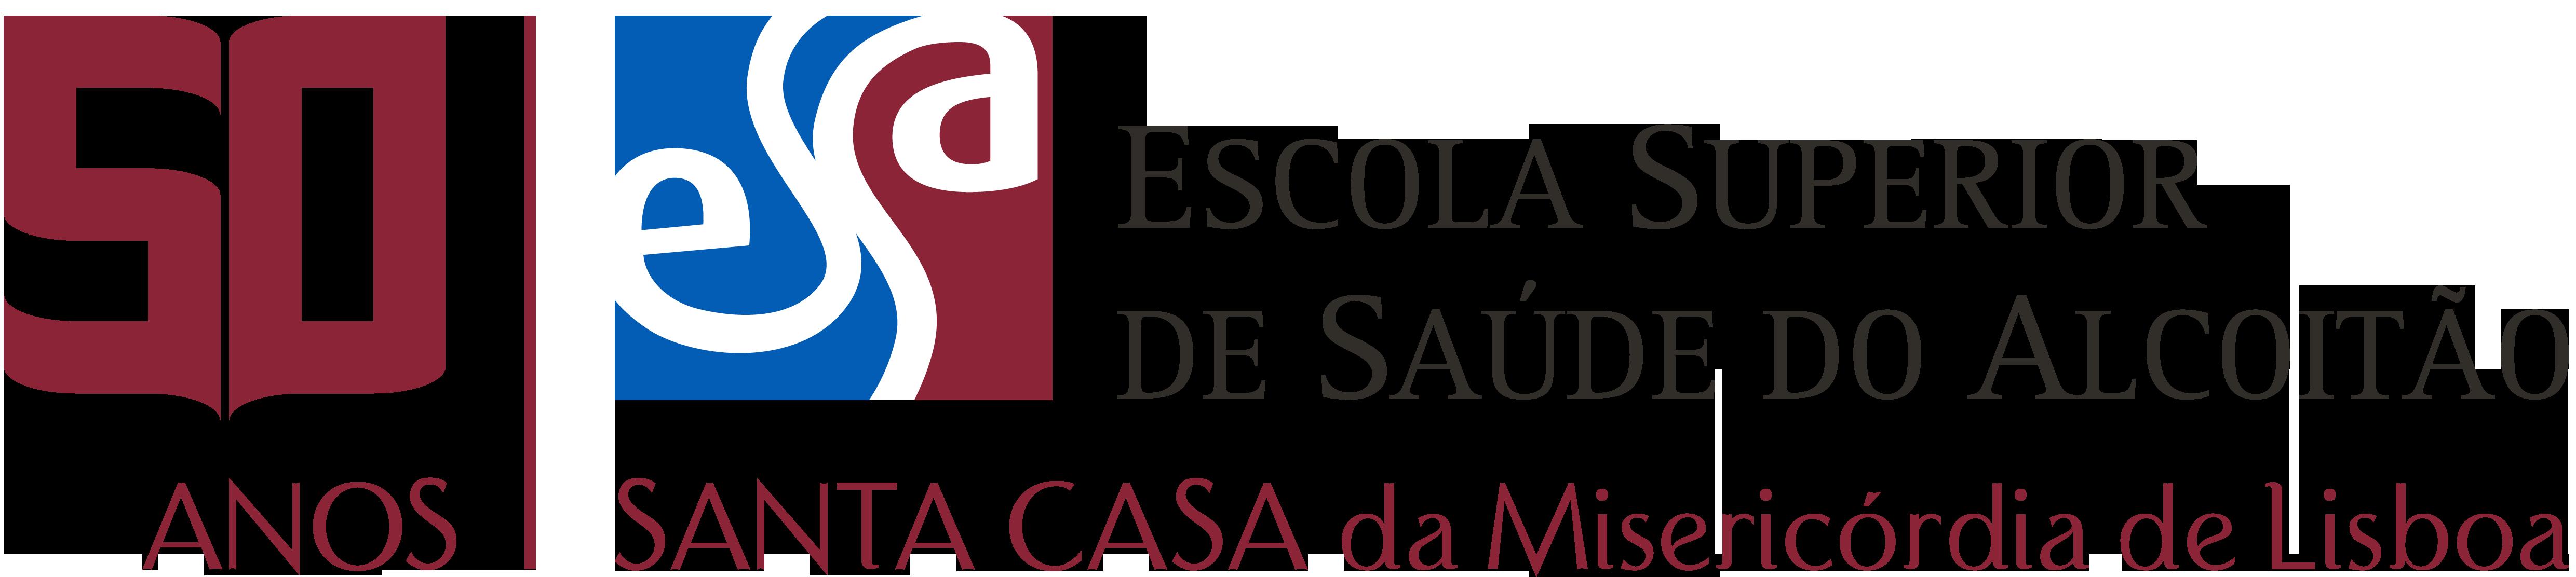 ESSA.png - 180.4 kb